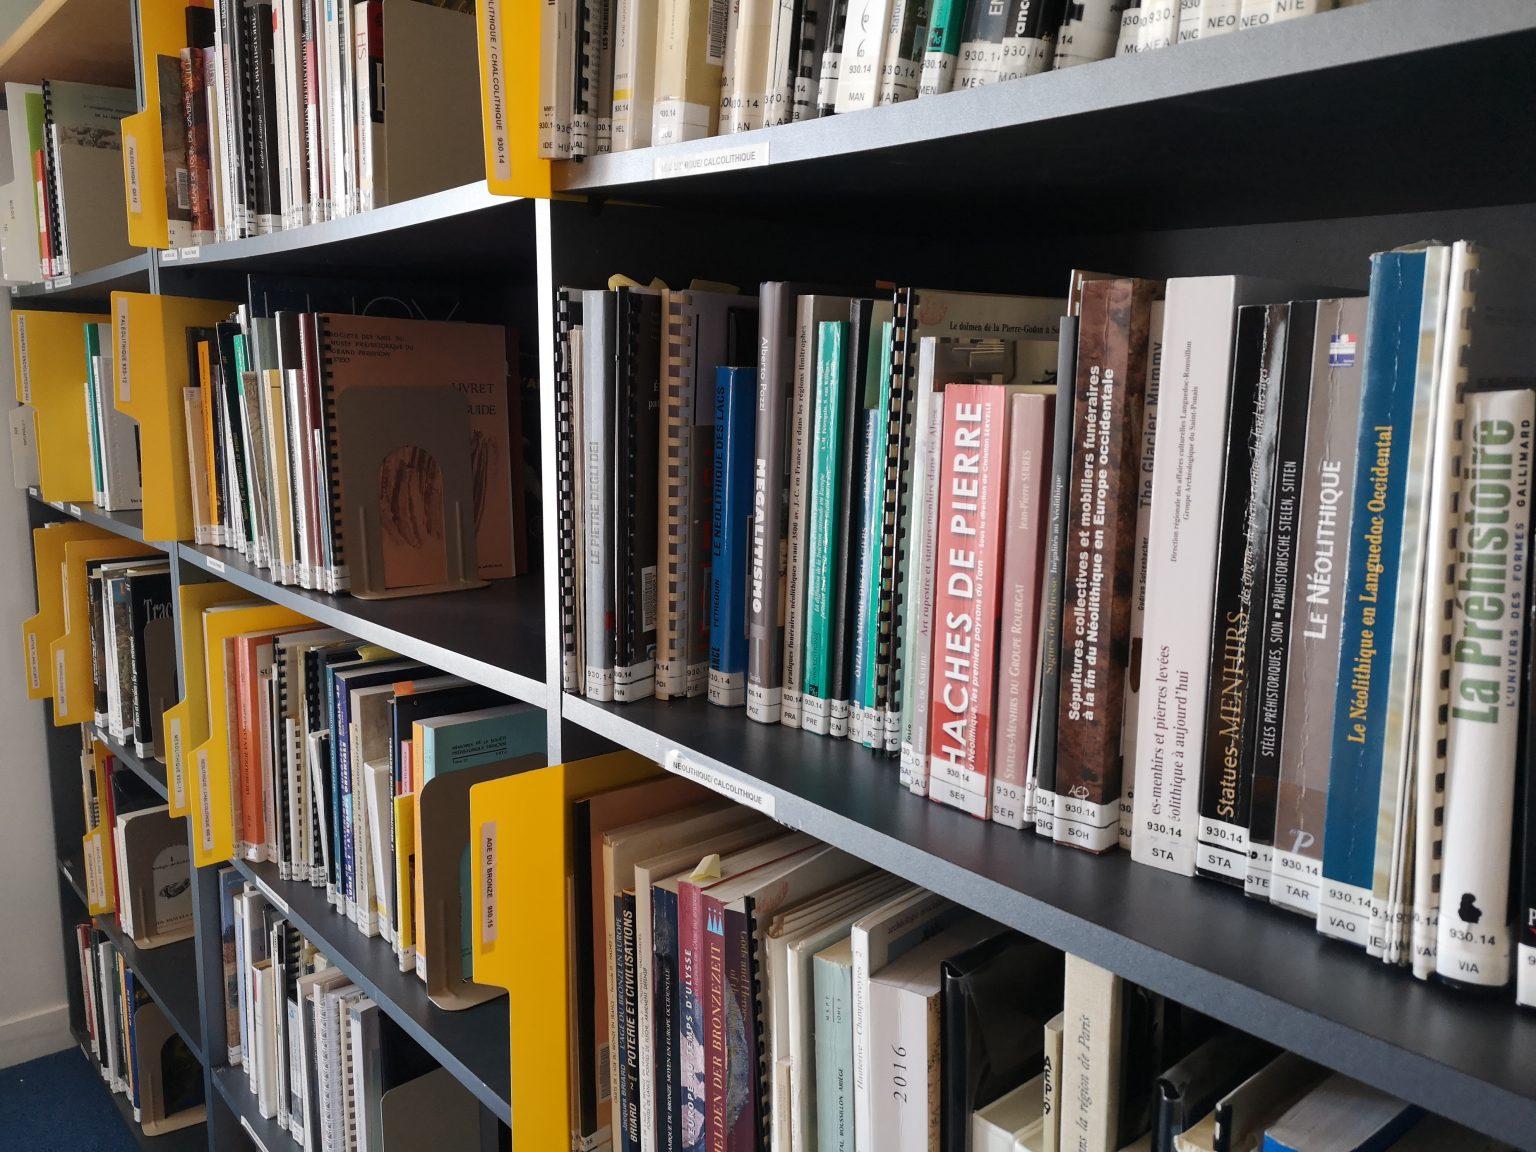 La bibliothèque du musée Fenaille